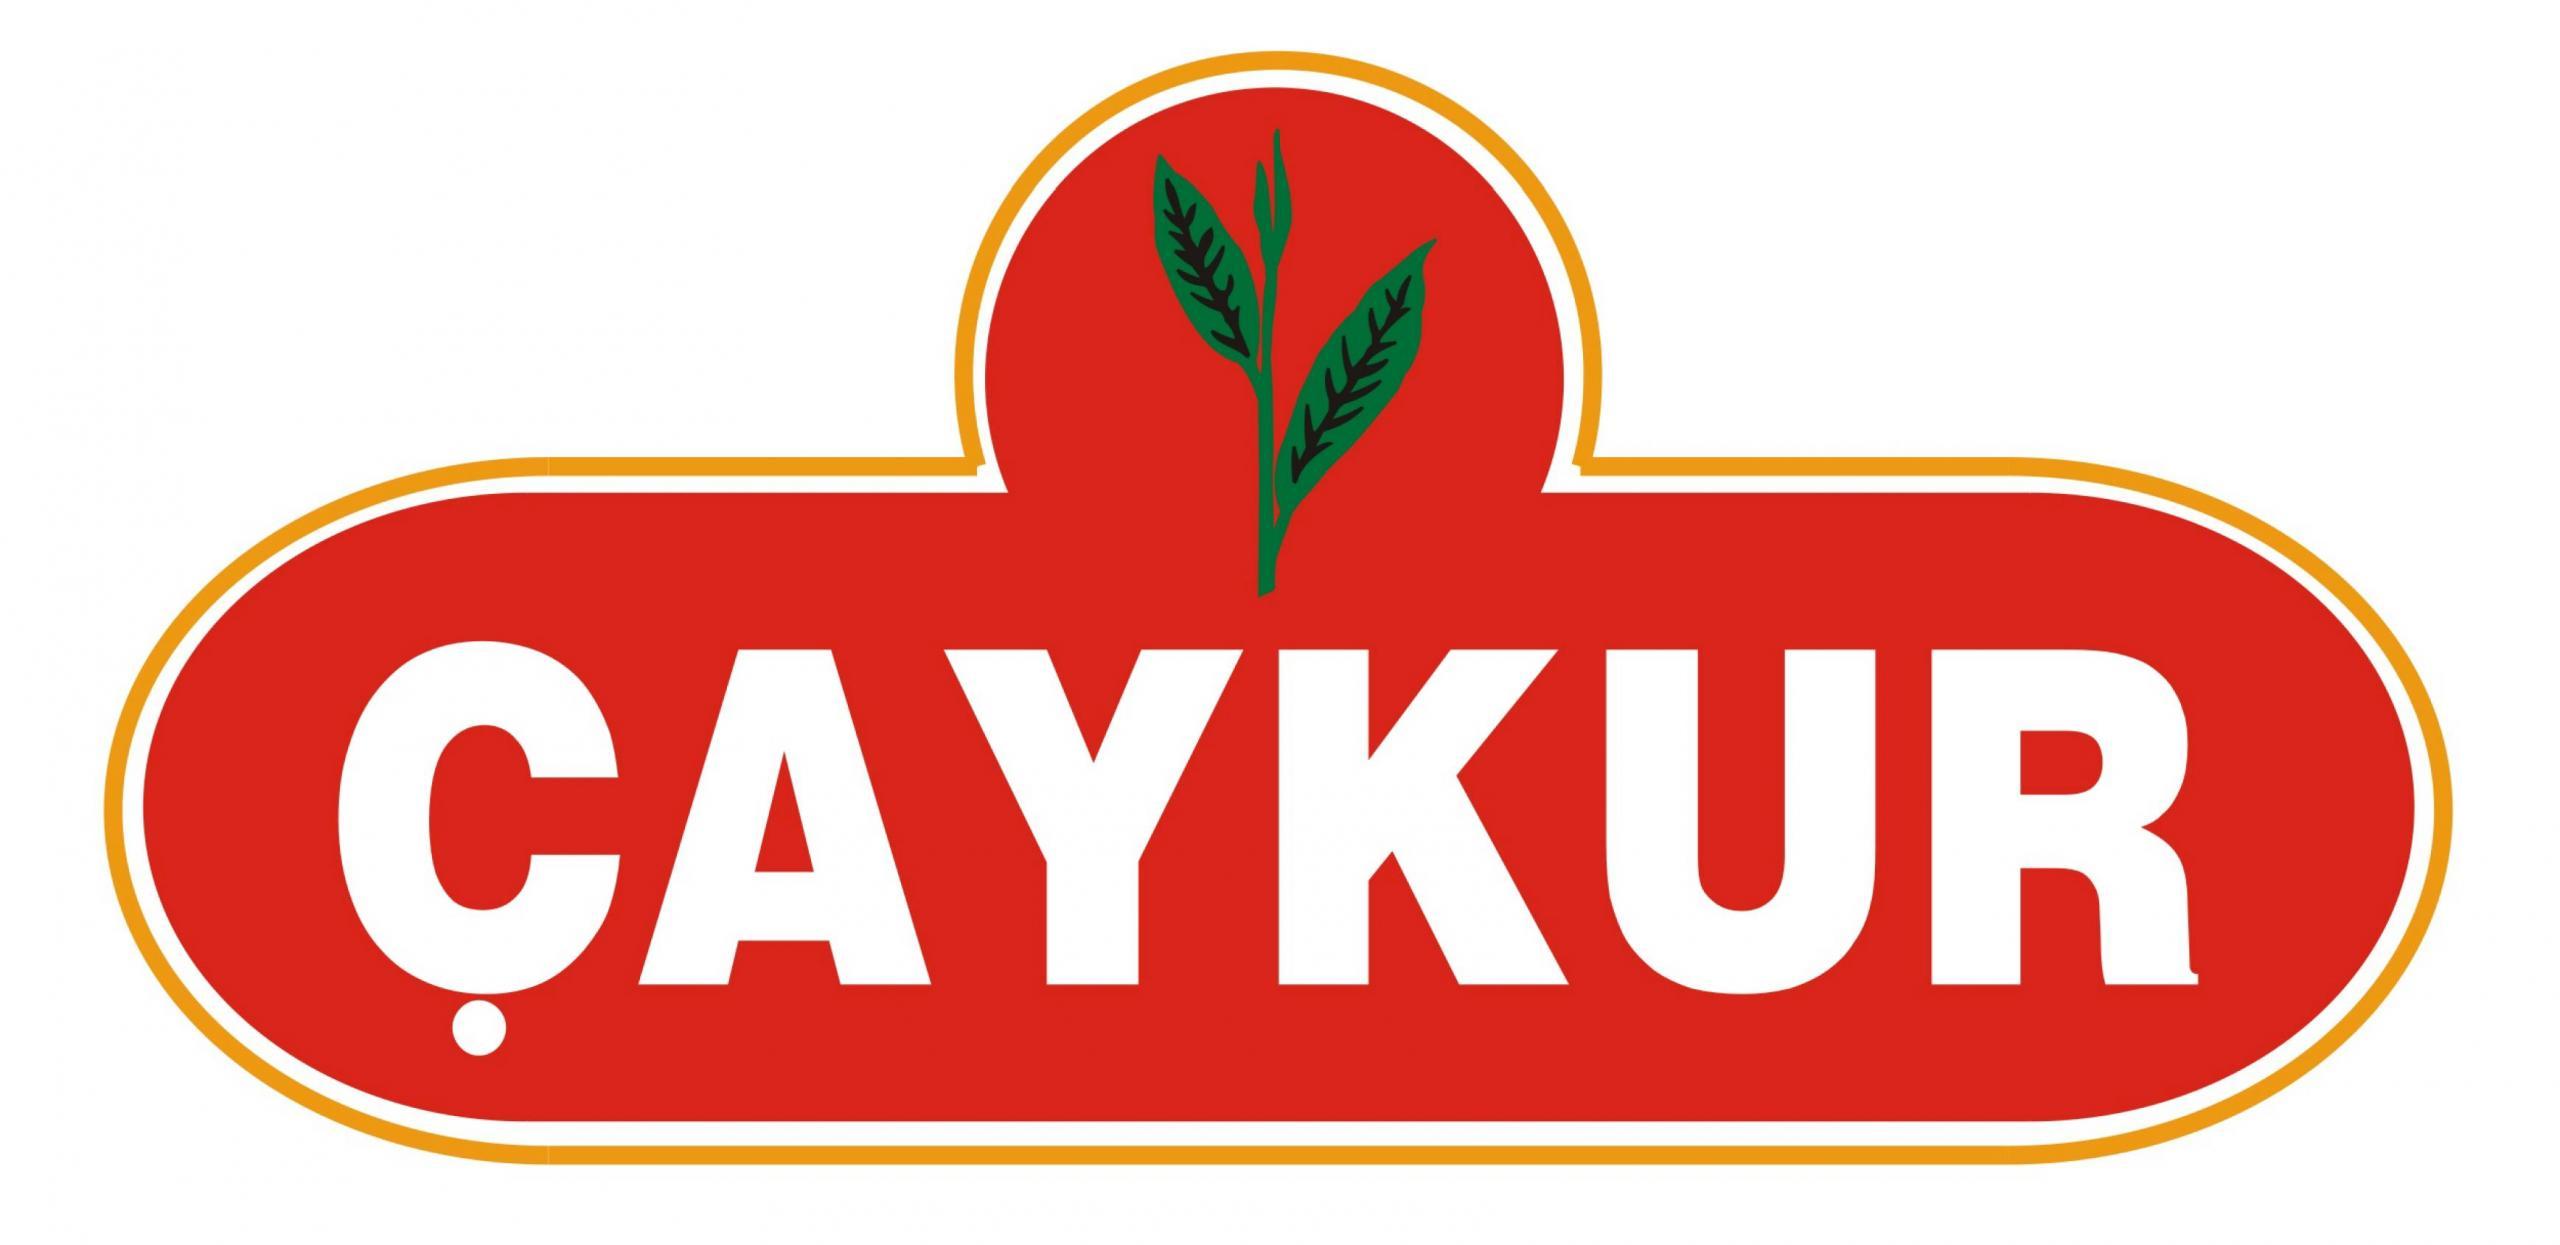 Çaykur Kura Çekilişi ile ilgili Türkiye Noterler Birliğinin Açıklaması